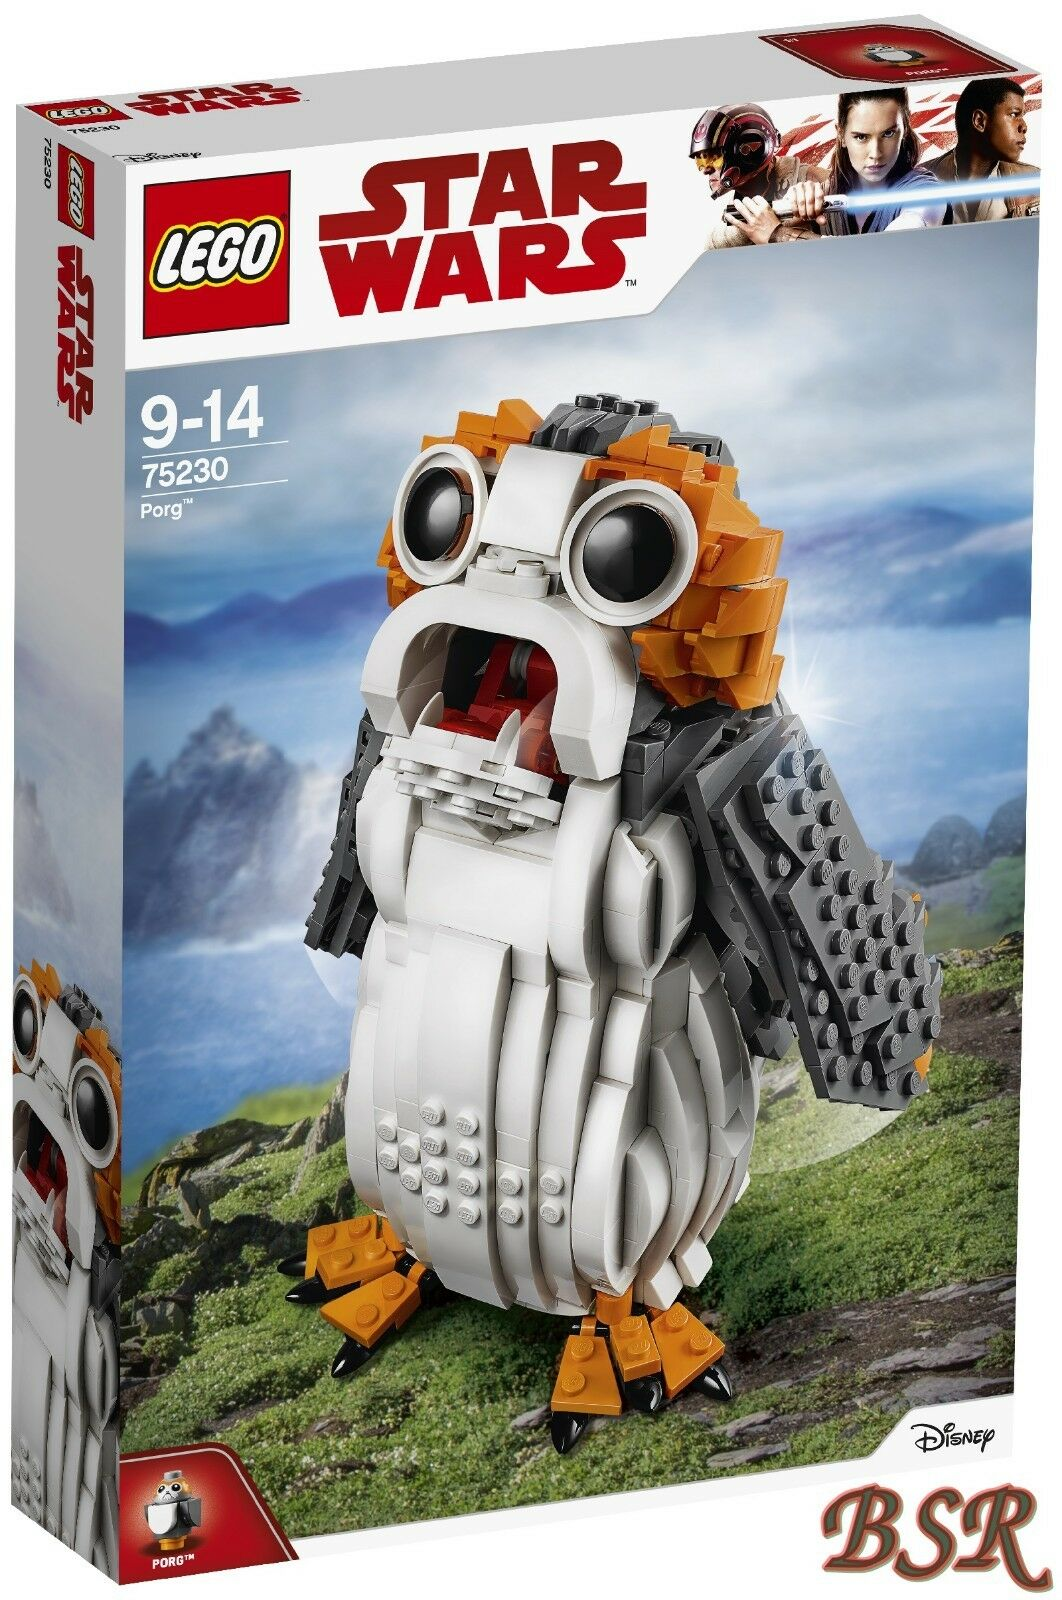 LEGO ® Star Wars ™  75230  Porg ™ & NOUVEAU & NEUF dans sa boîte & 0. - expédition  boutique en ligne